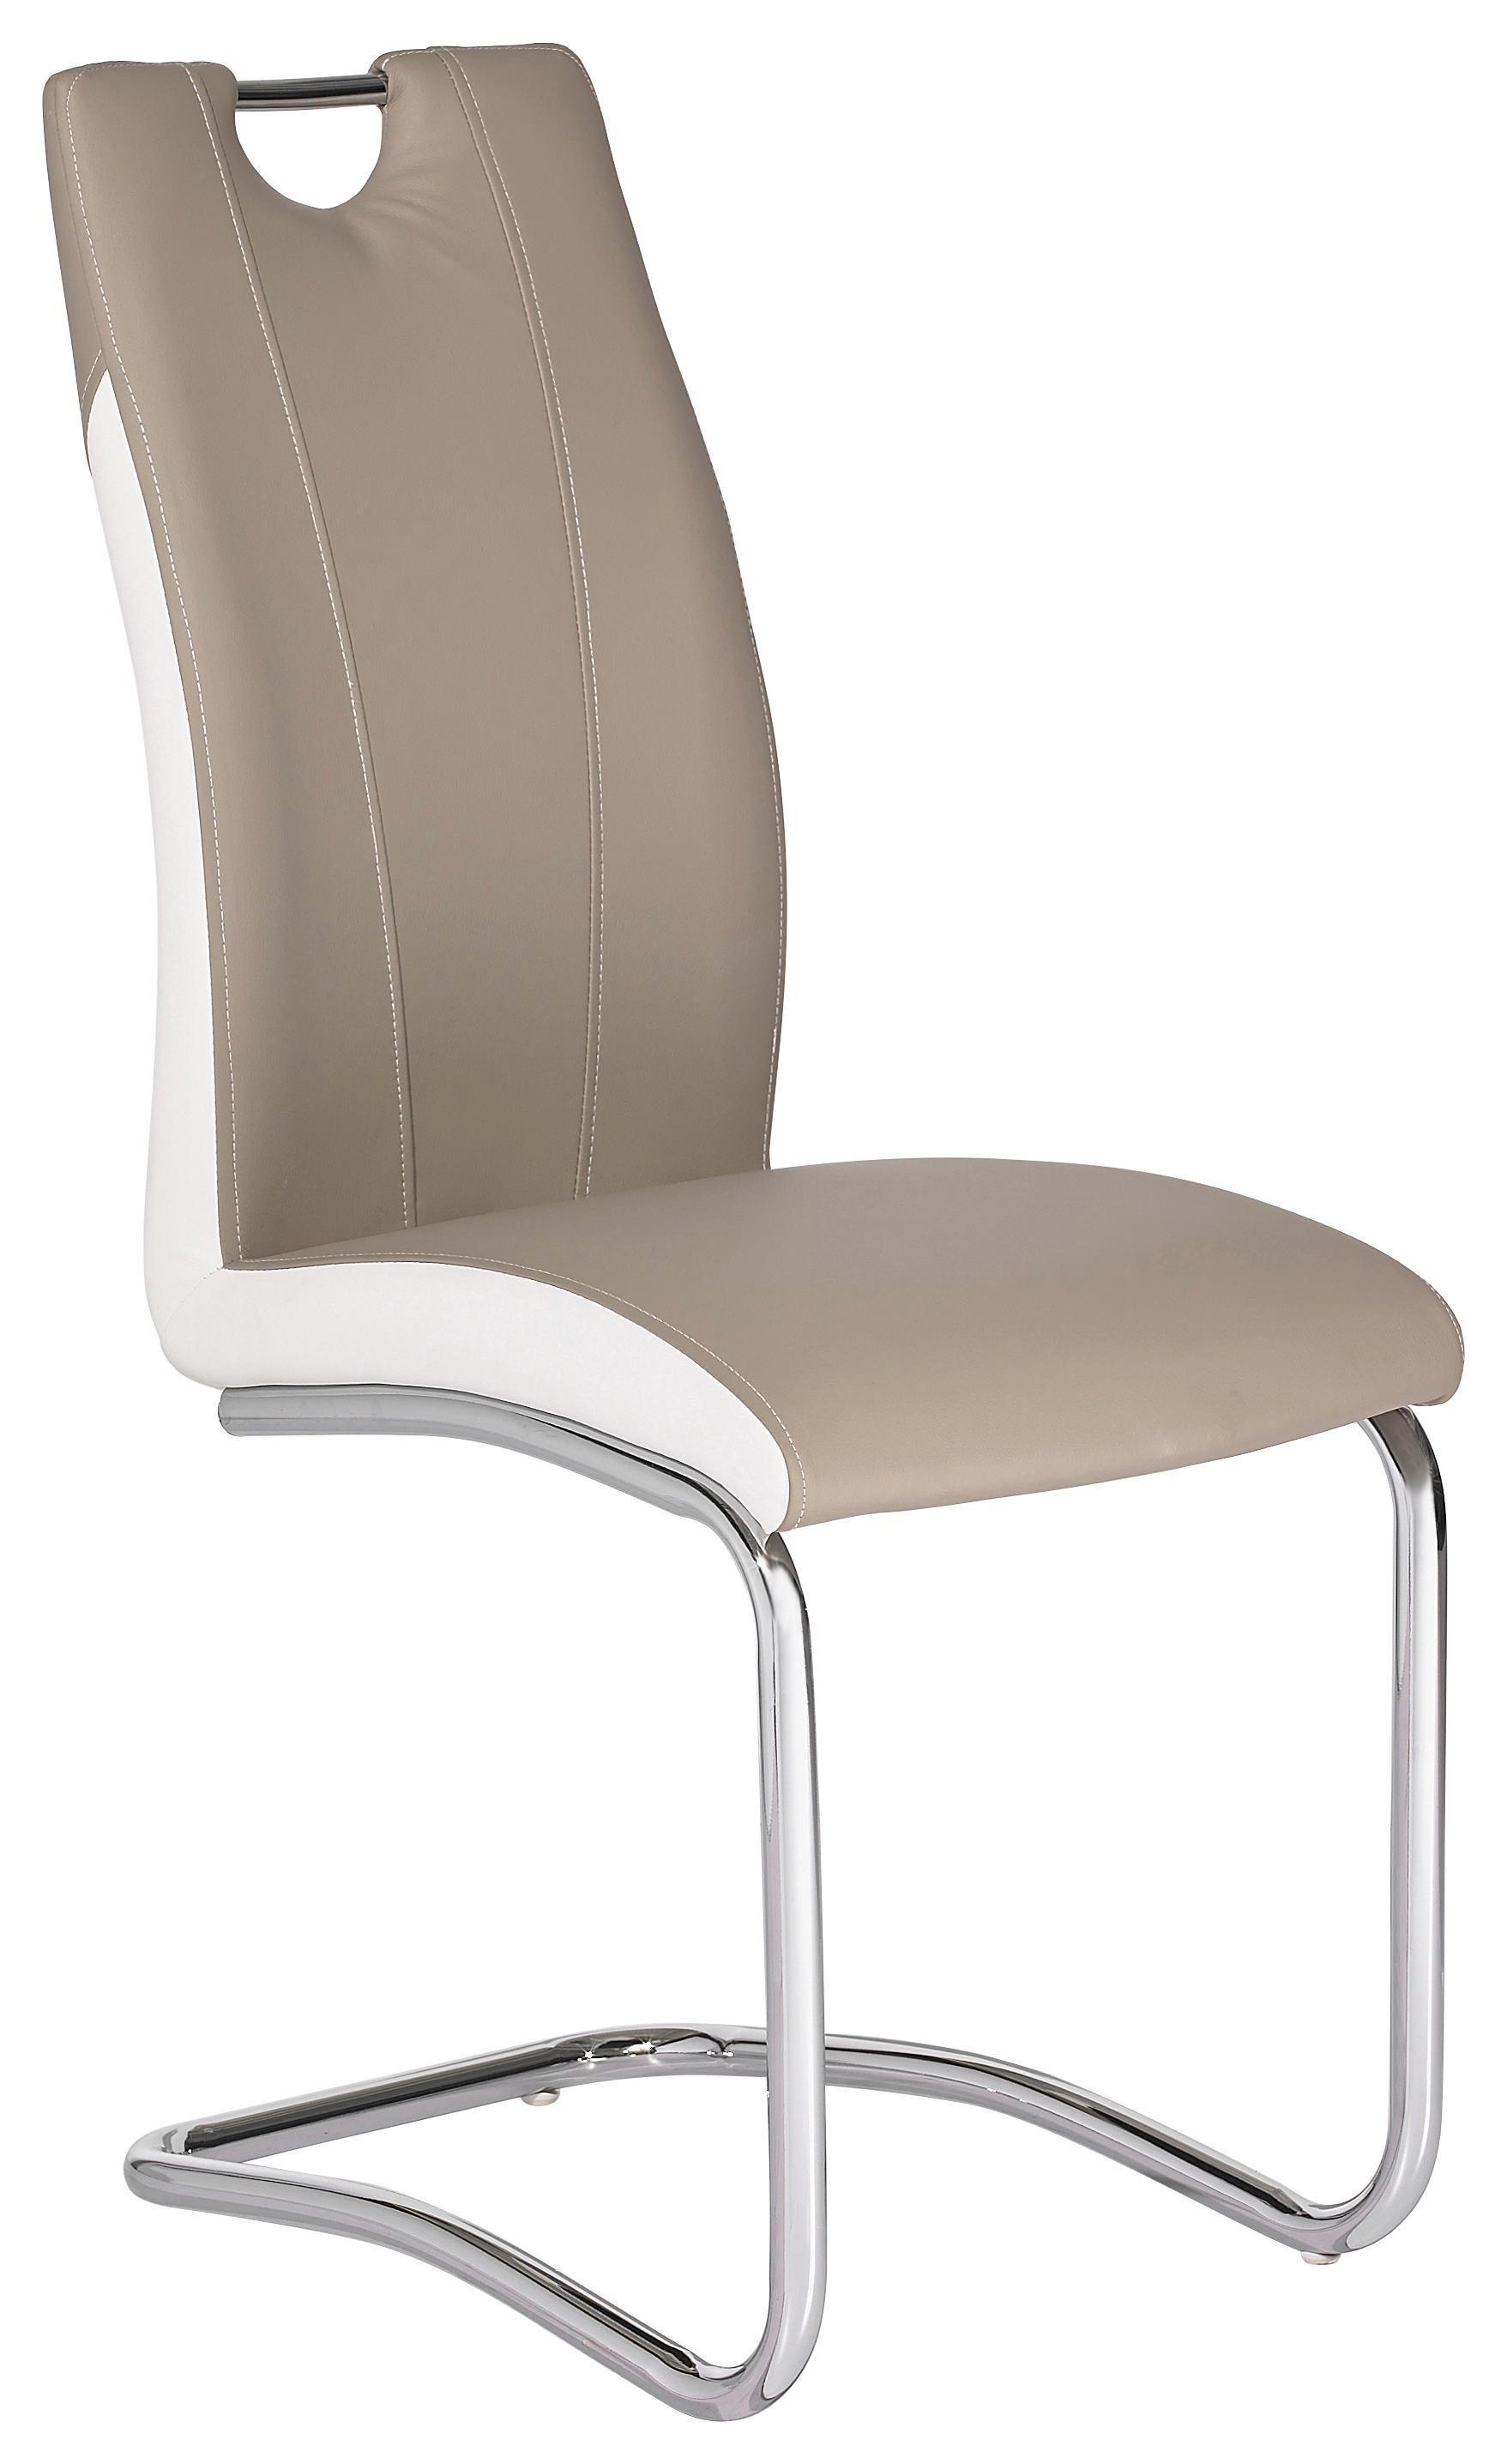 Esstisch stühle leder grau  Stühle online kaufen